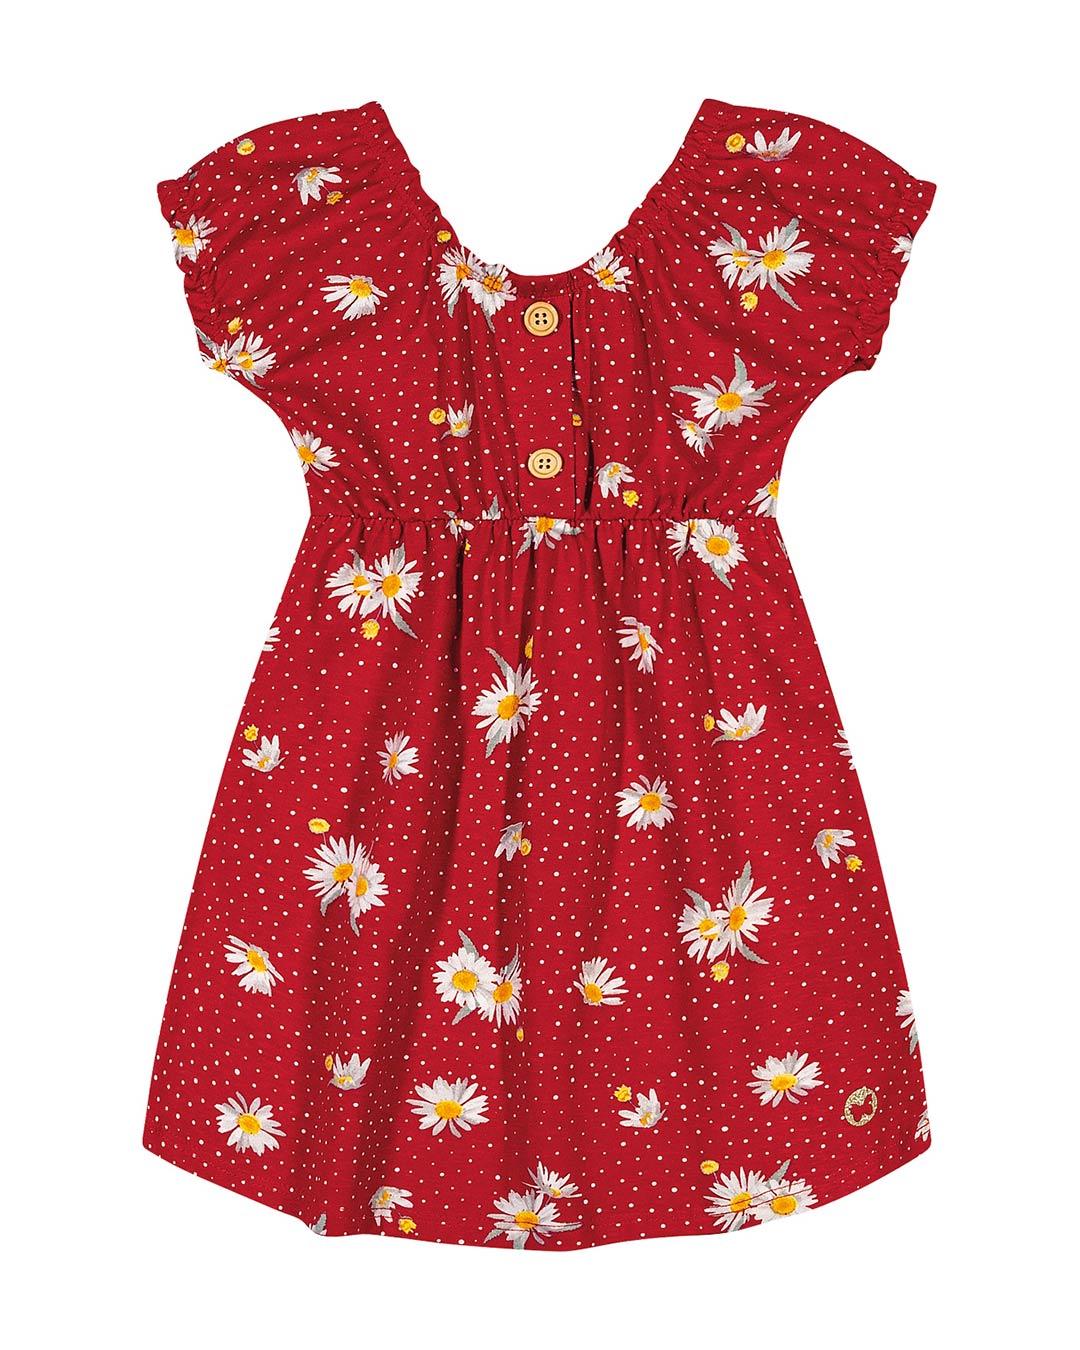 Vestido Bebê Margaridas - Lecimar